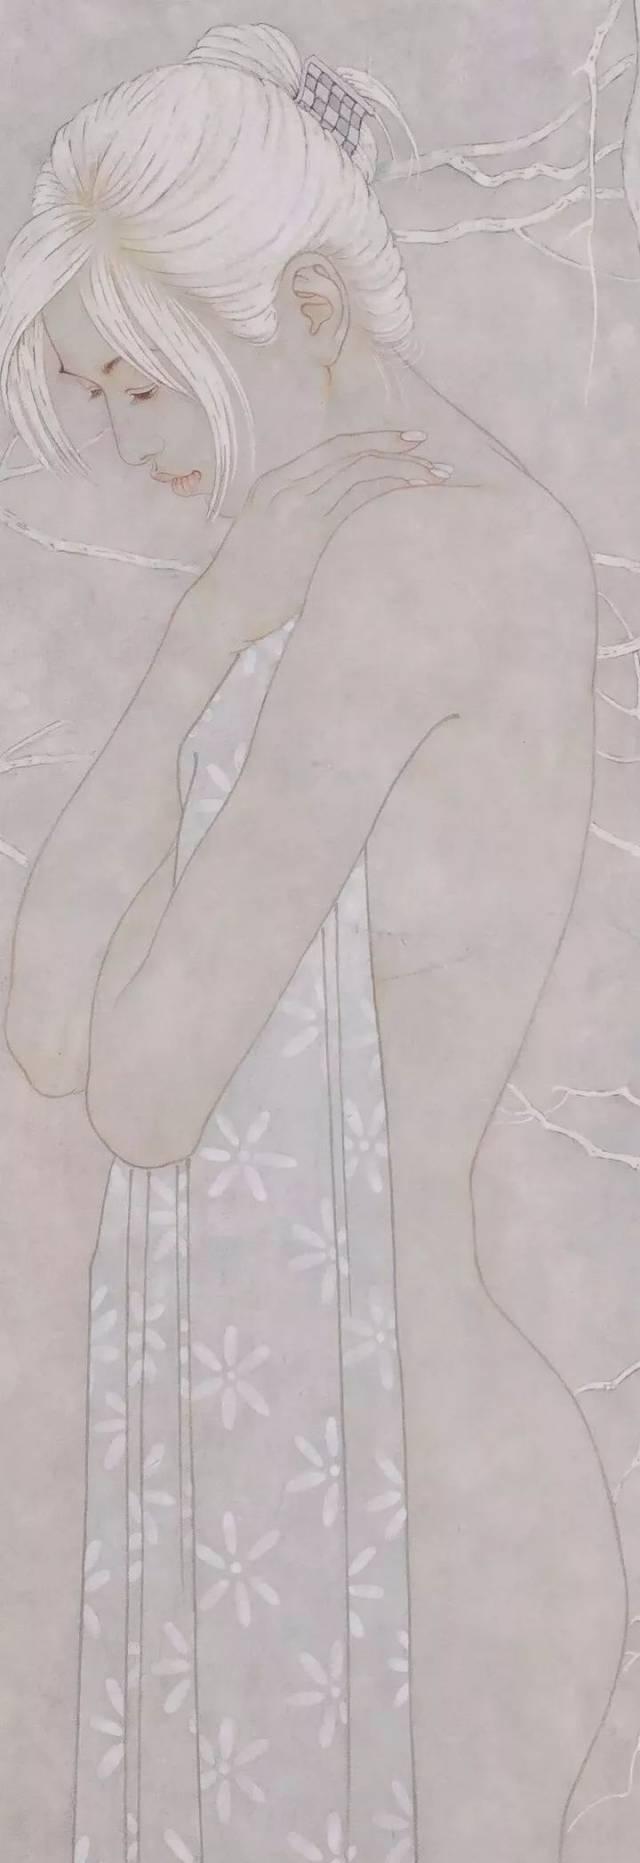 勾线的步骤充满人物的流技法图解作画时间工笔画的档位:衣冠,晕染博瑞动感上色图片